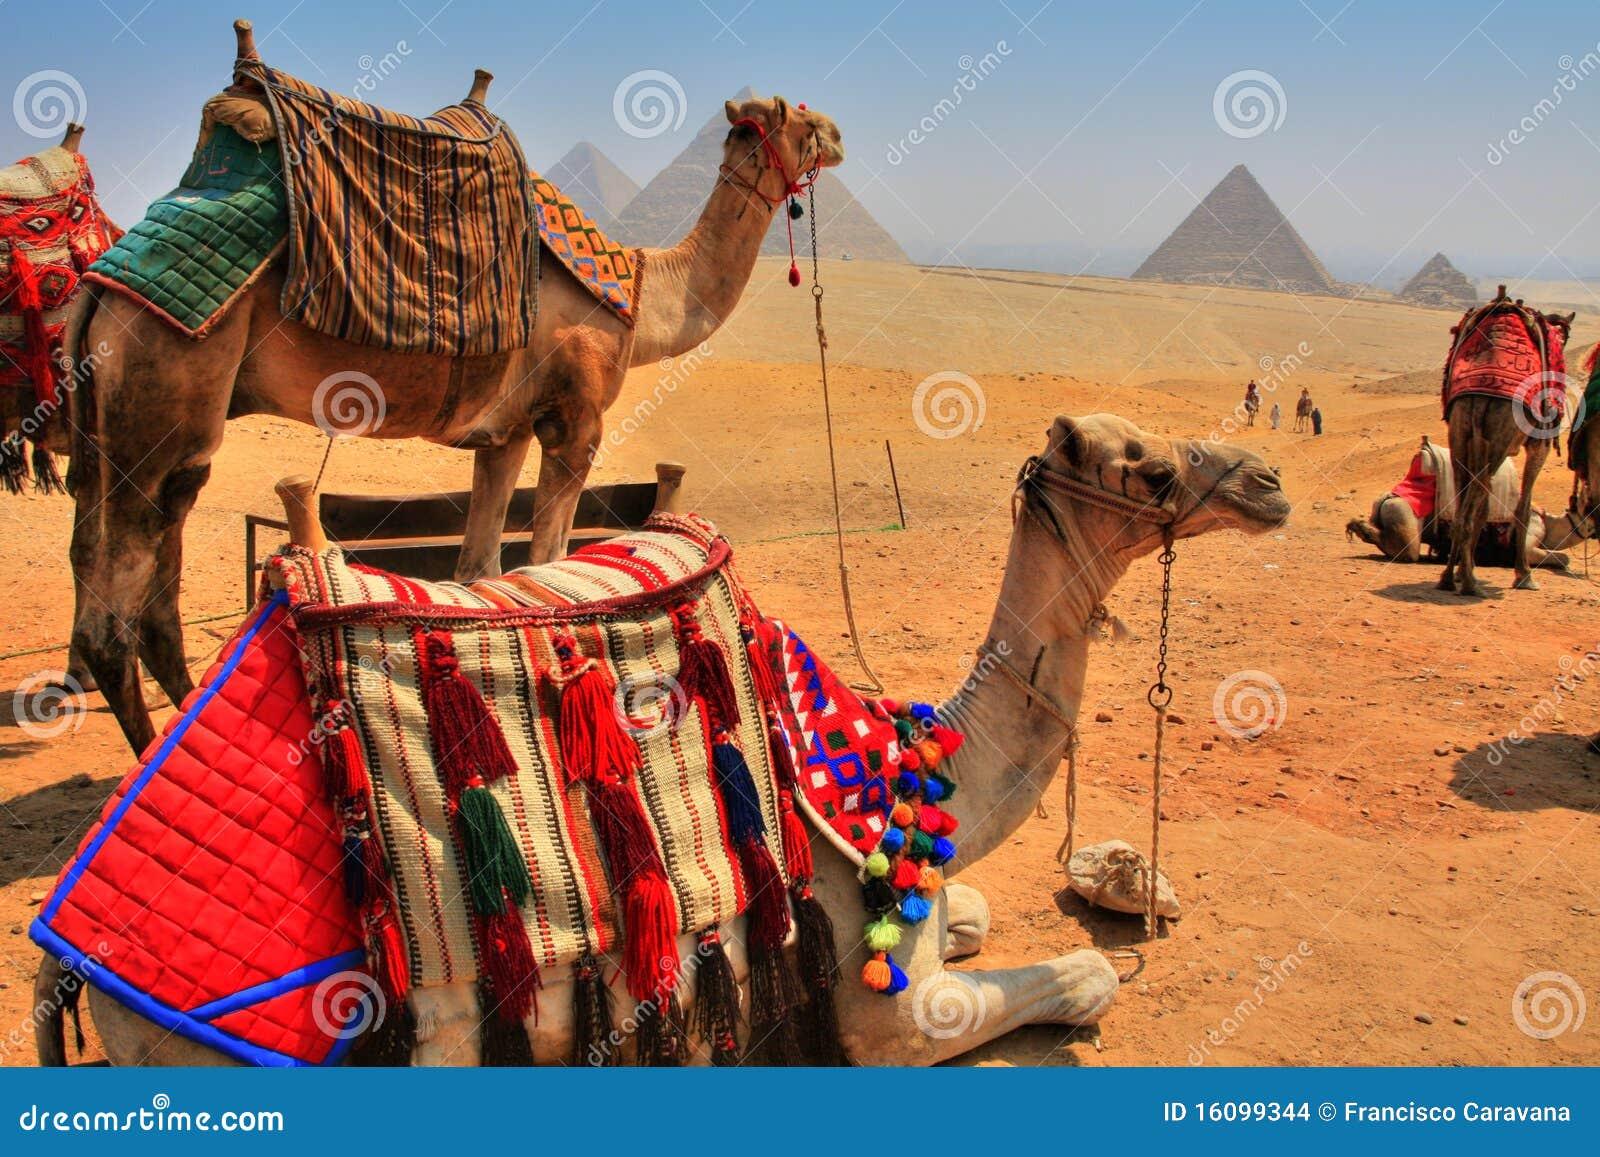 Giza Pyramids and camels